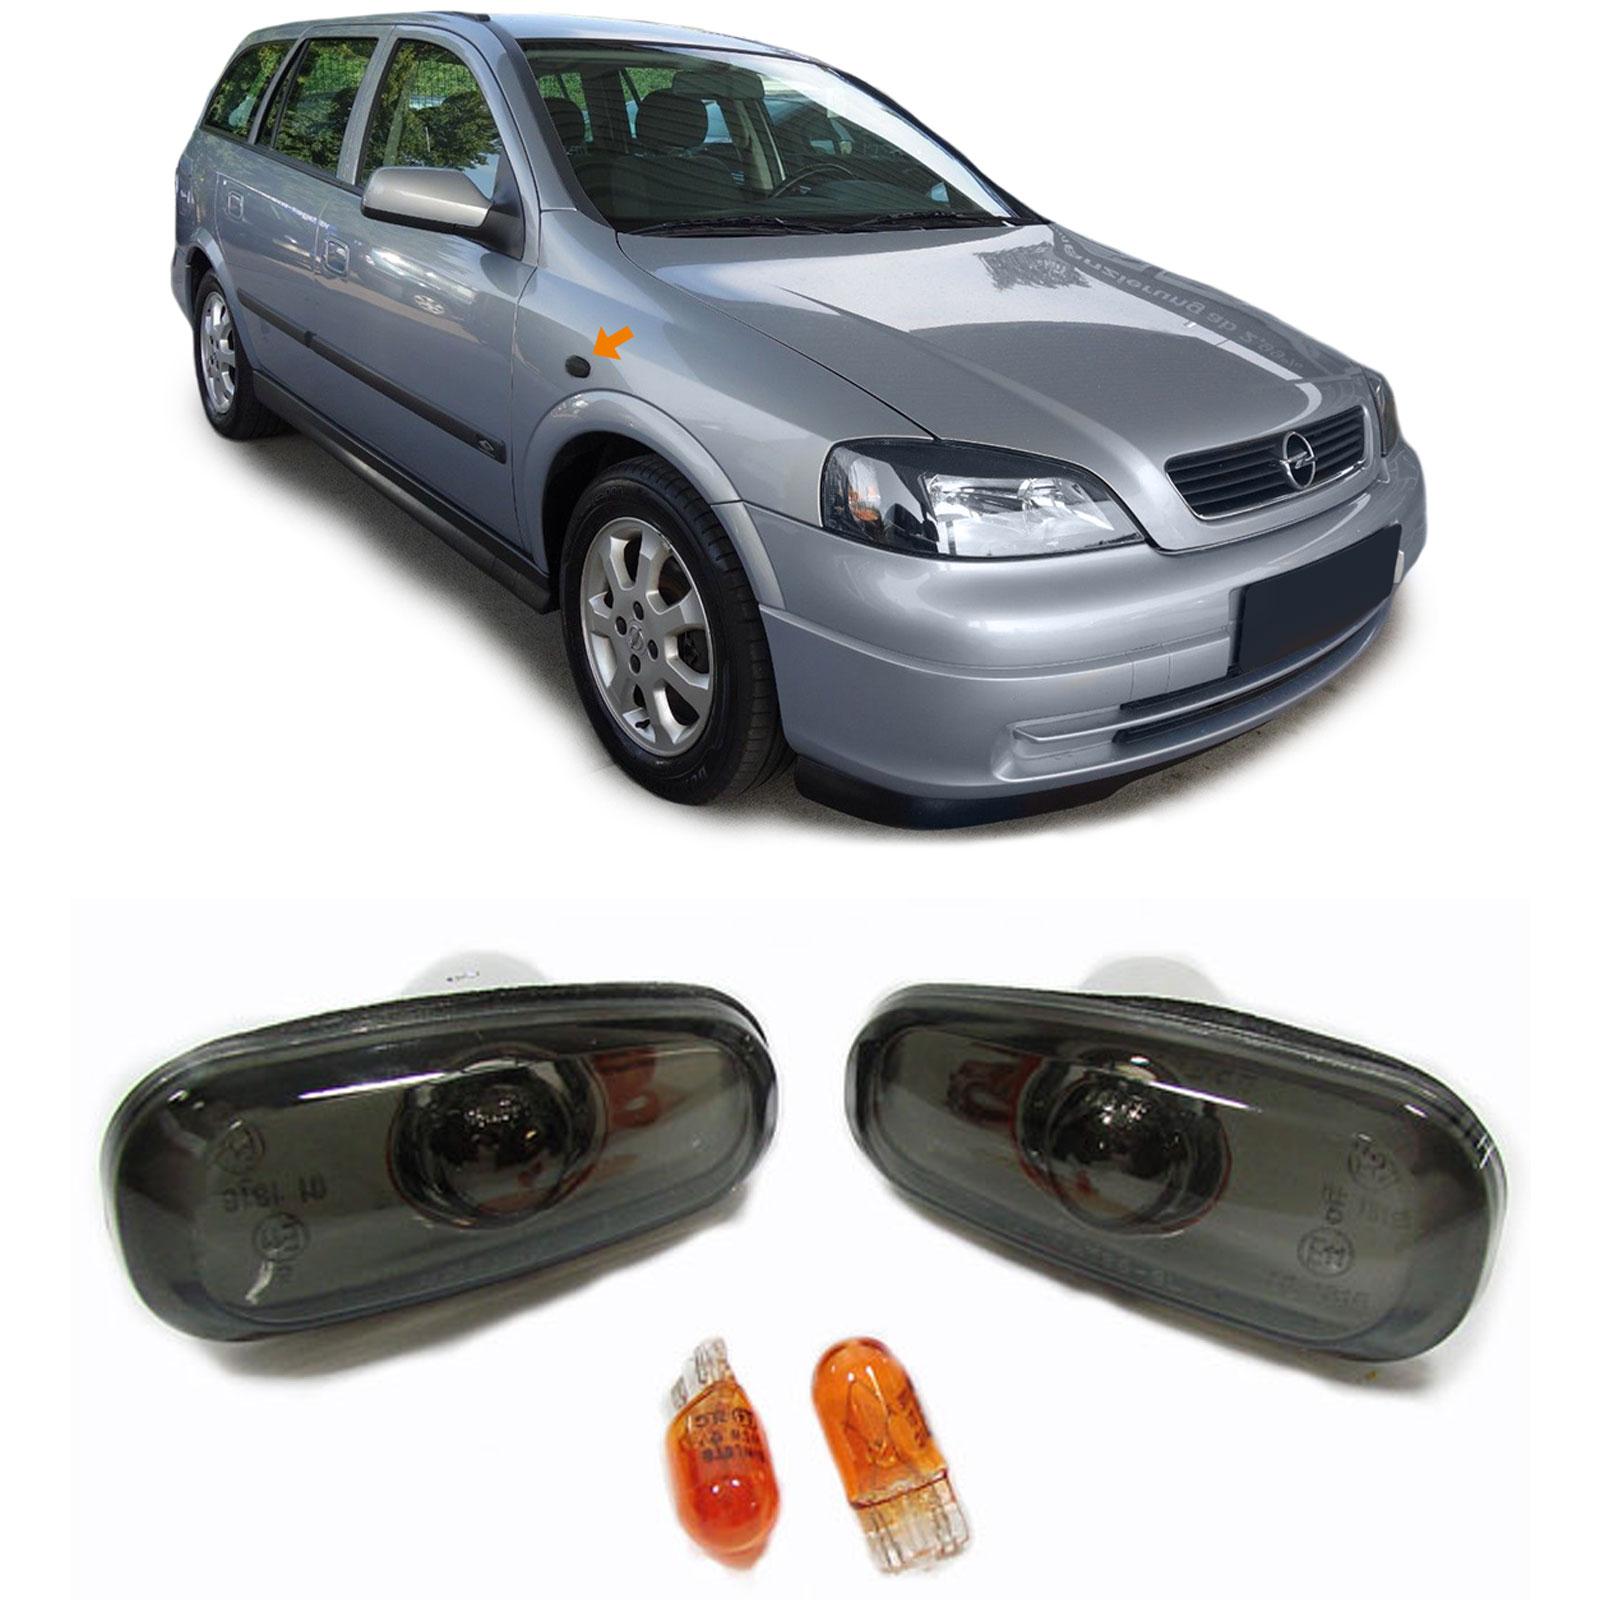 Piscas Laterais Opel Astra G Fumado